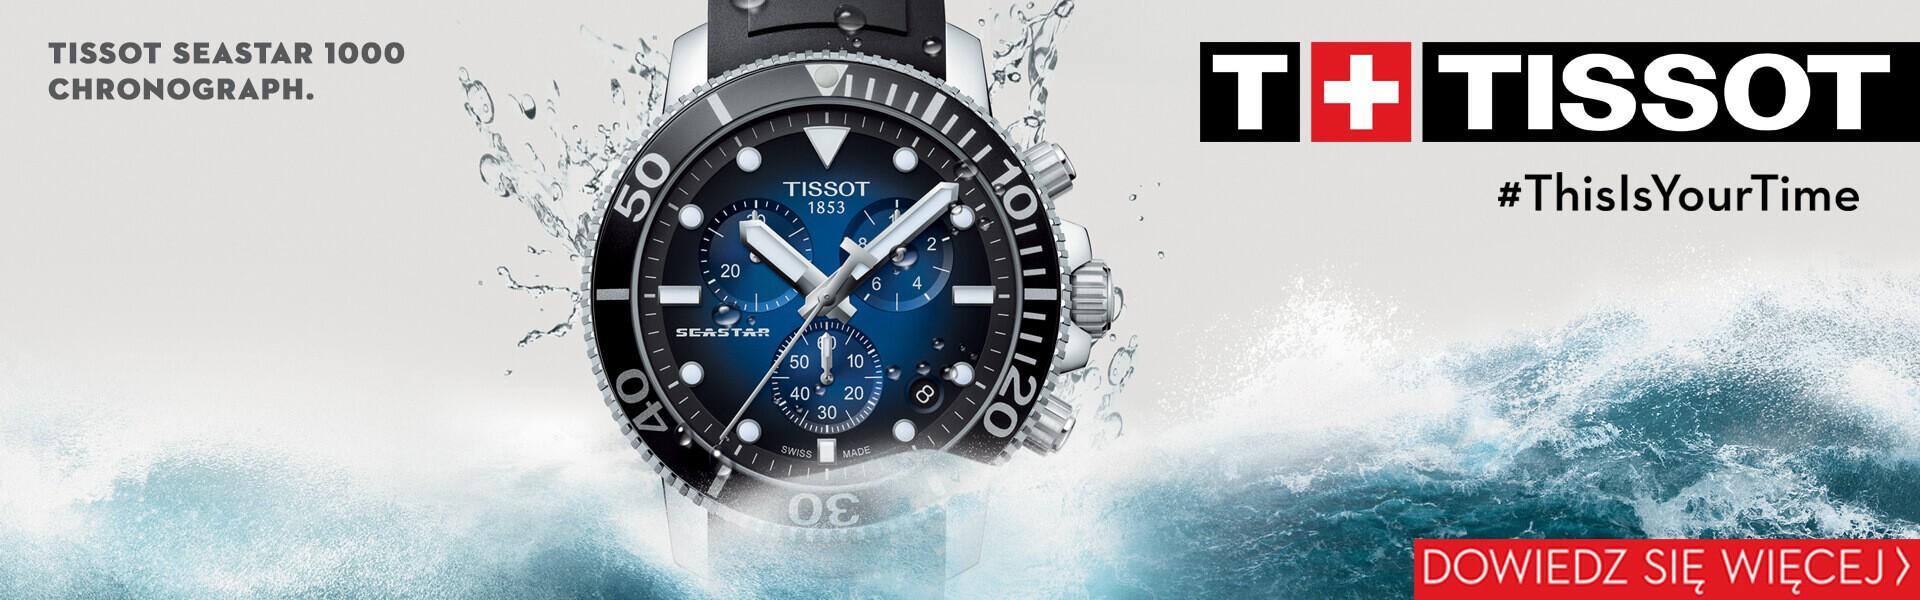 Zegarek Tissot T120.417.17.041.00 dostępny w Gdyni